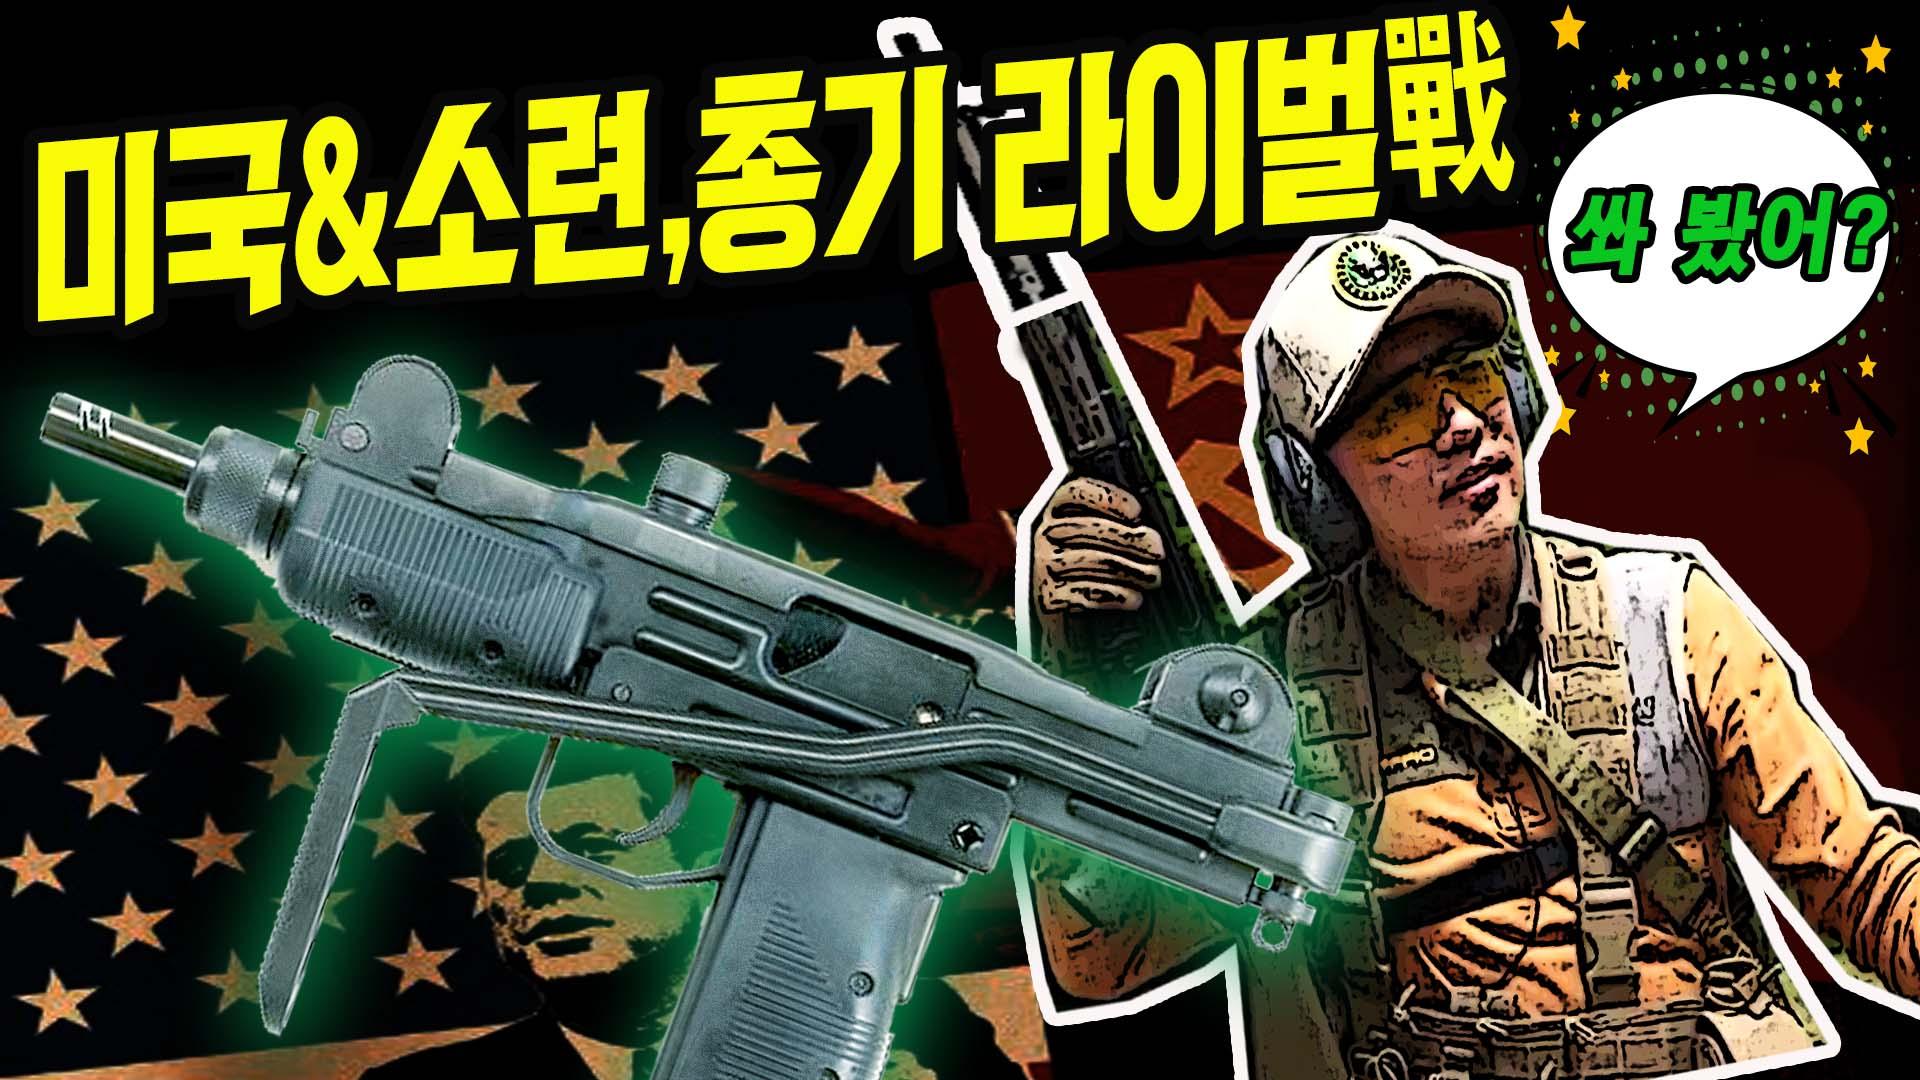 미국&소련, 소련&미국!! 총기 라